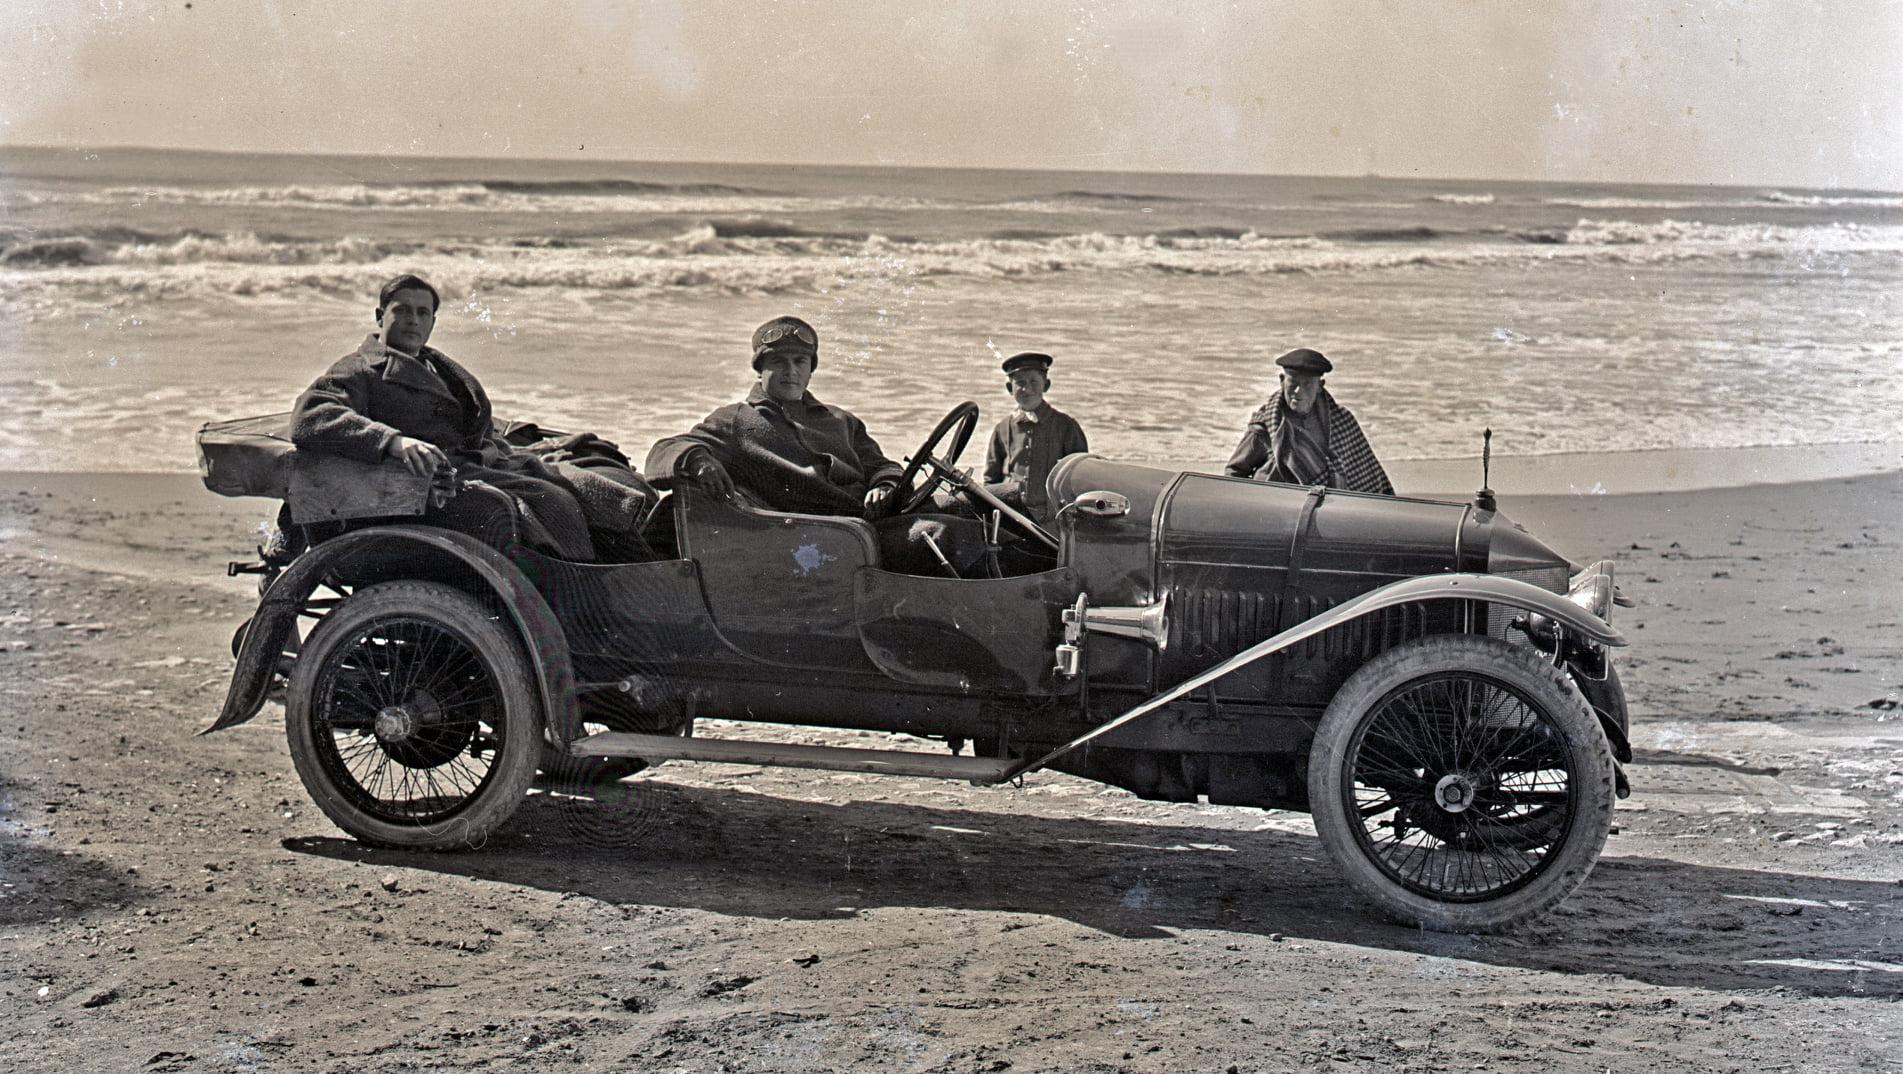 Hispano-Suiza-----Alphonso-XIII-was-eigendom-van-een-Dr-Carulla-in-Barcelona-en-ze-waren-duidelijk-zeer-toegewijd-aan-fotografie-naast-hun-sportieve-motorcar---1912-(4)